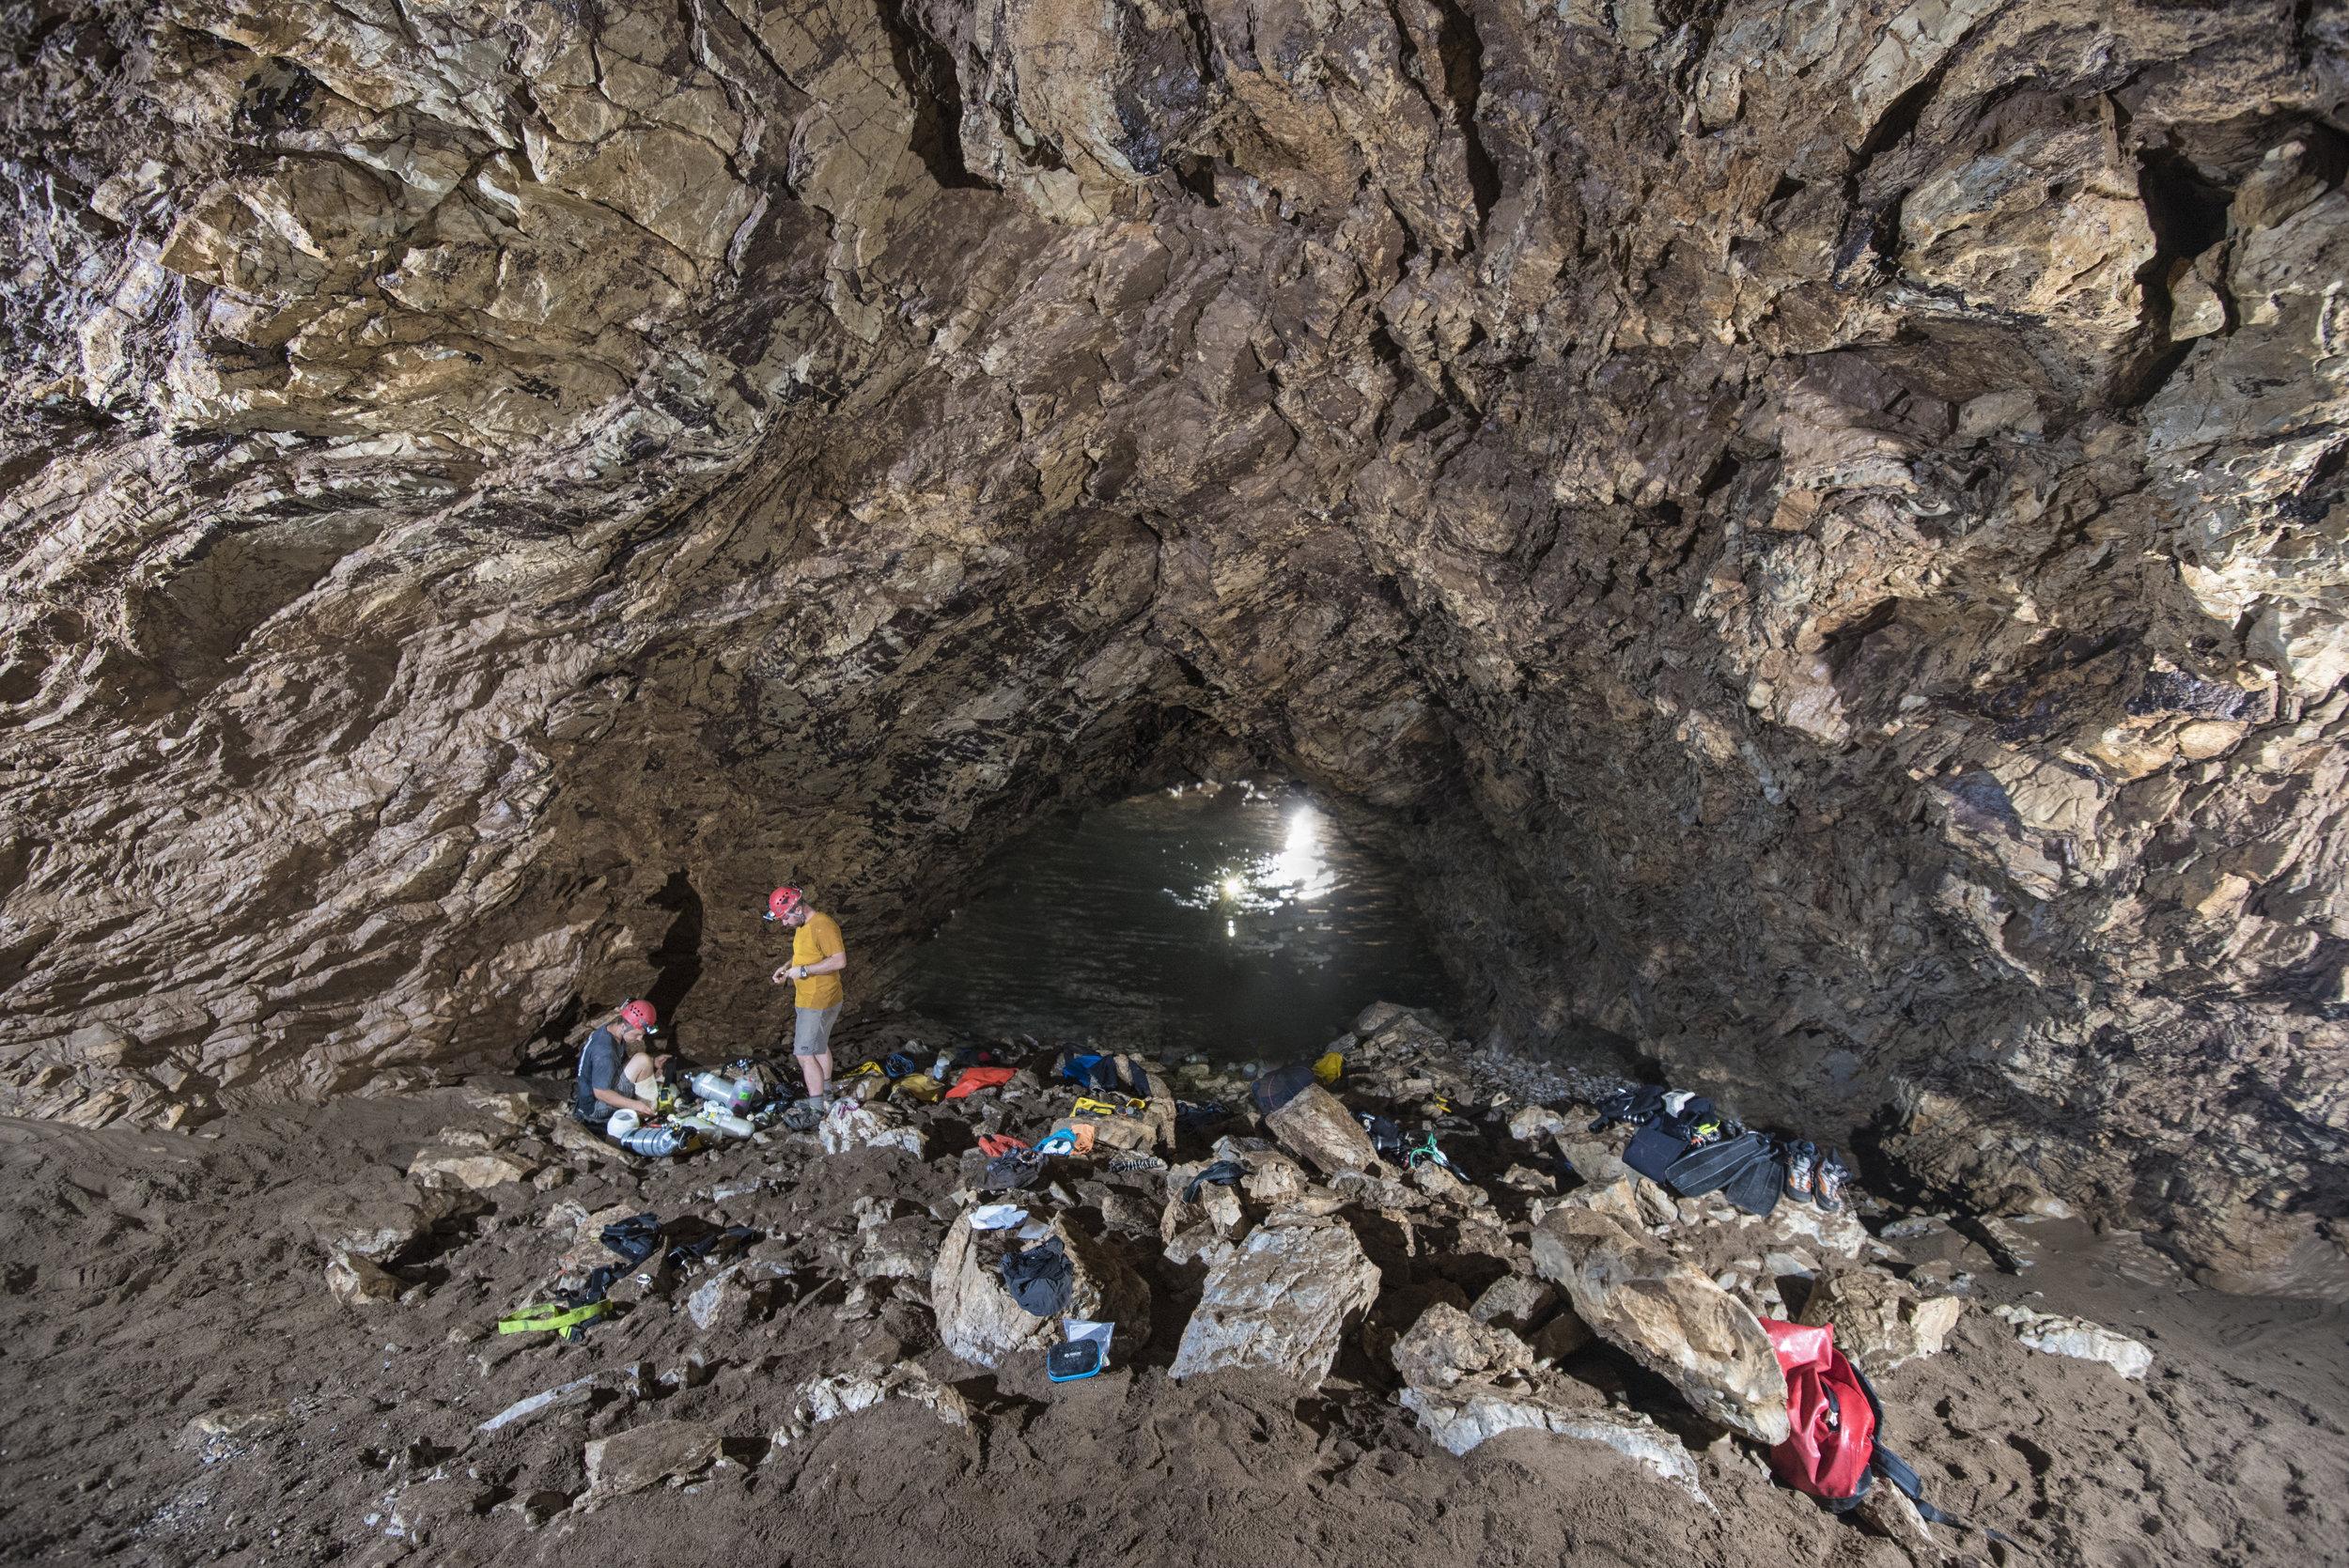 cueva-de-la-pena-colorada_27336679768_o.jpg